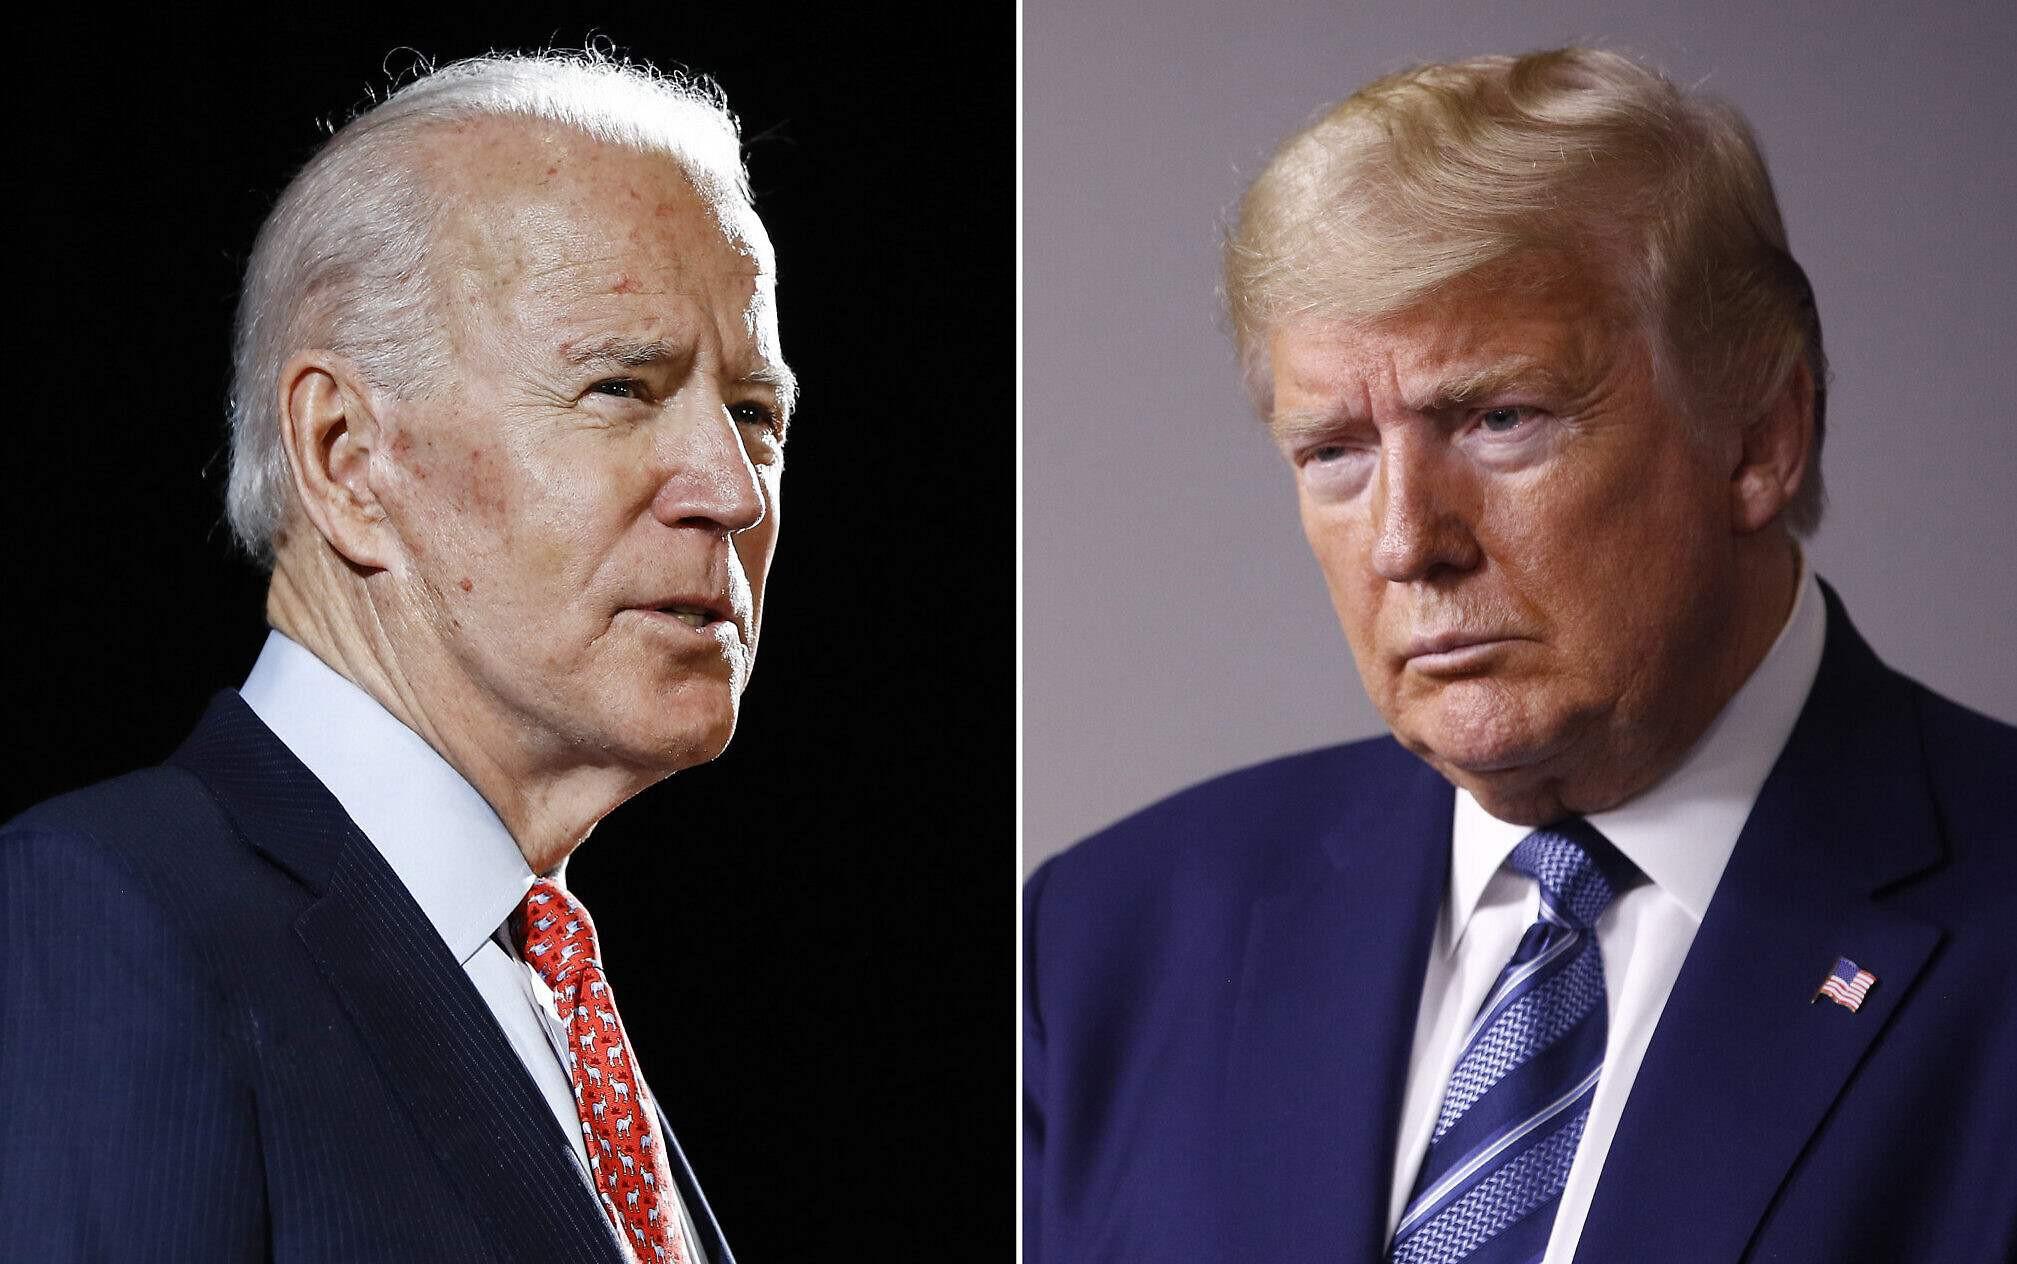 新一轮总统竞选较量开始,隔空辩论有四大看点,美国民众被迫选场